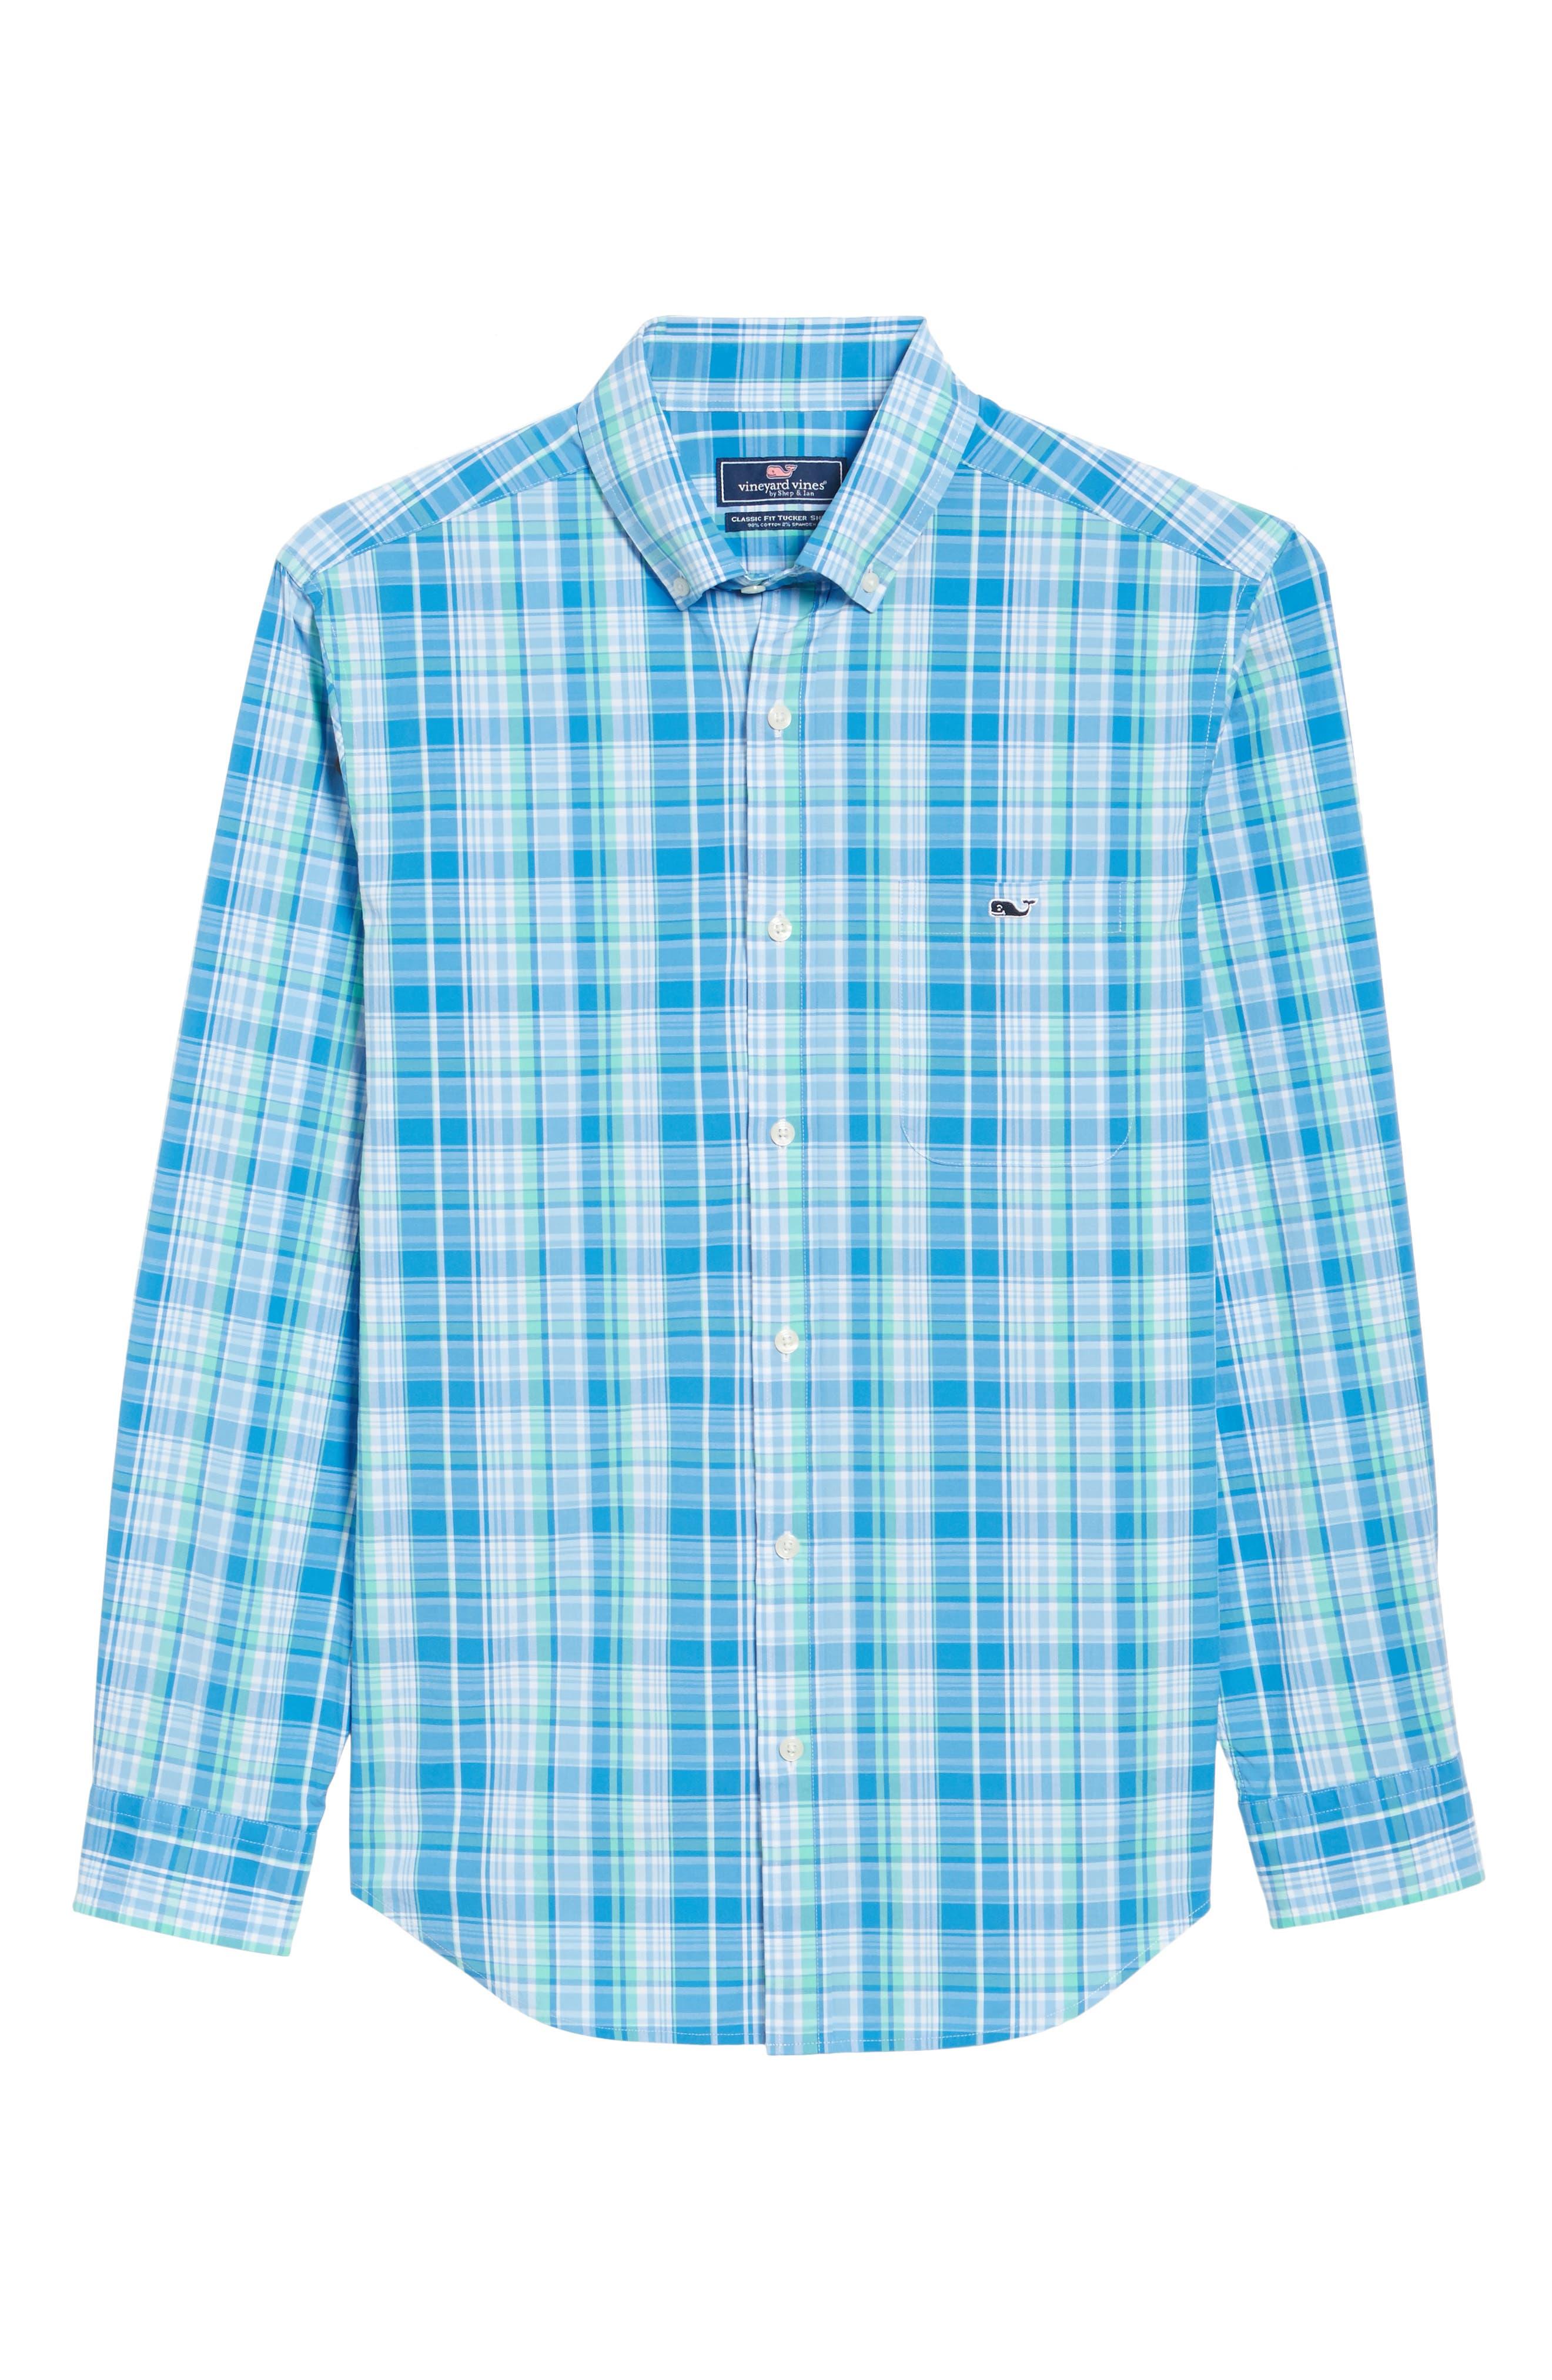 Bougainvillea Classic Fit Plaid Sport Shirt,                             Alternate thumbnail 6, color,                             359